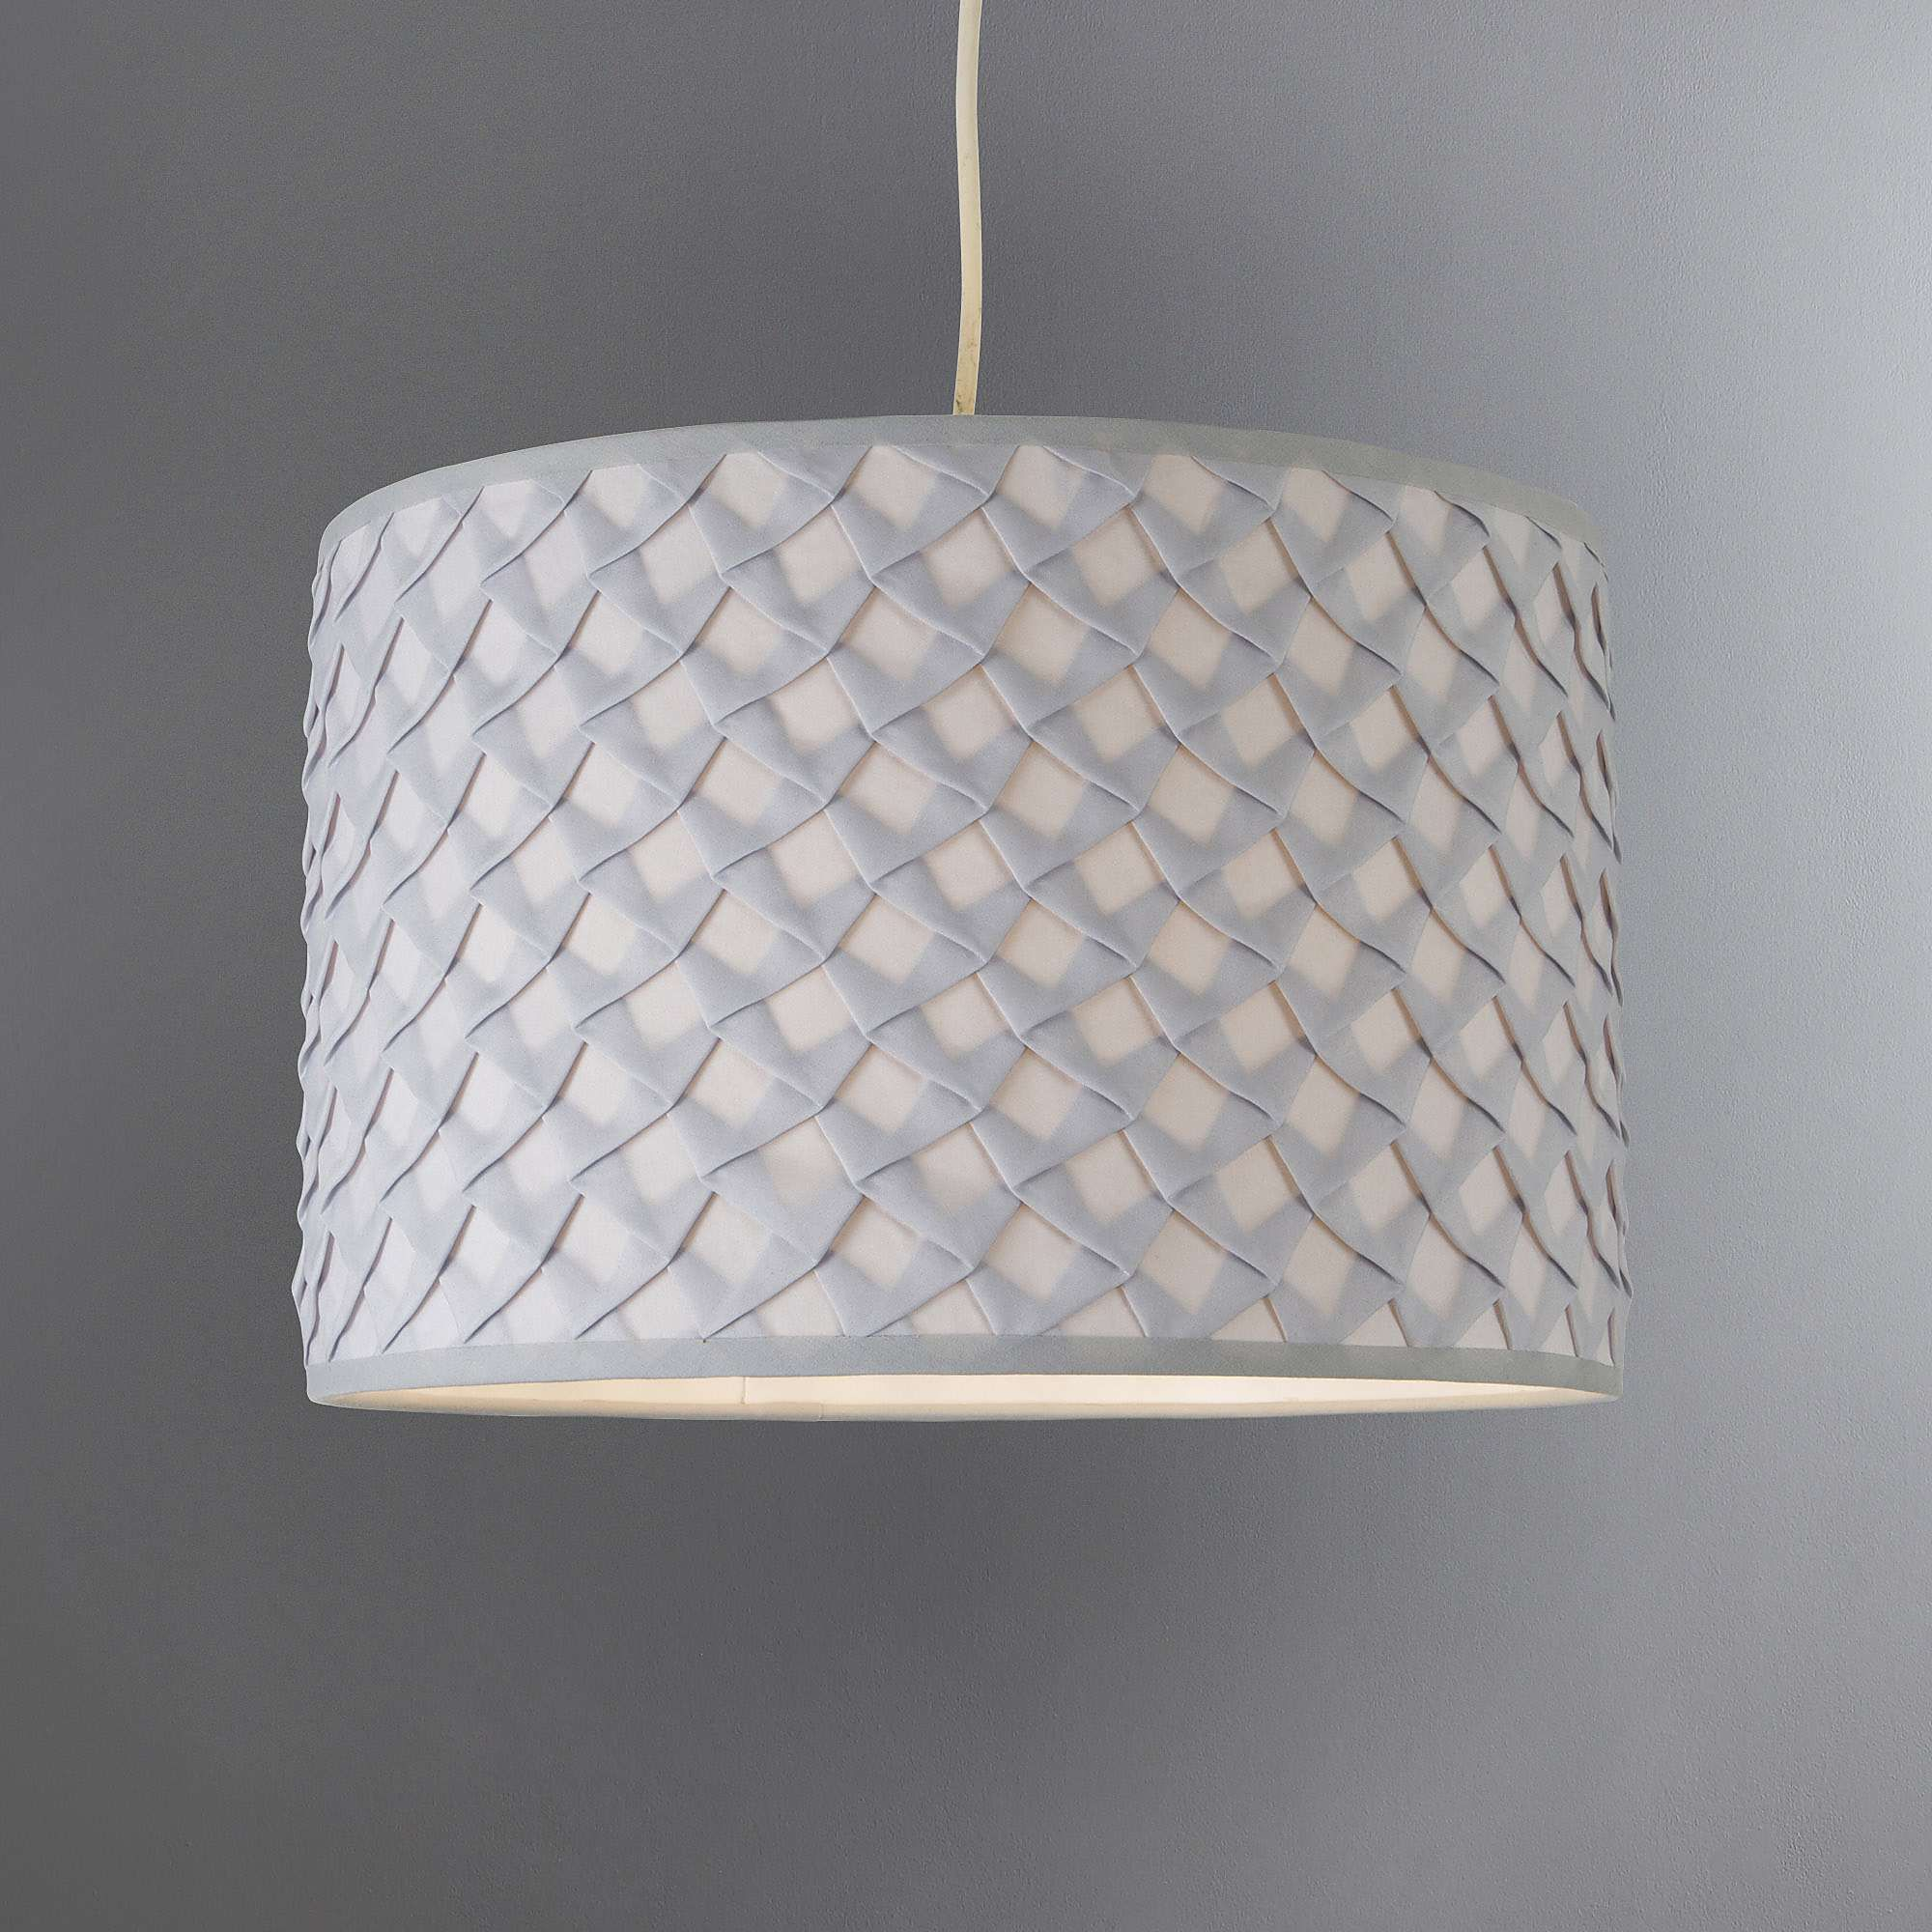 Nancy 30cm Drum Grey Shade Ceiling Lamps Bedroom Ceiling Lamp Shades Ceiling Lights